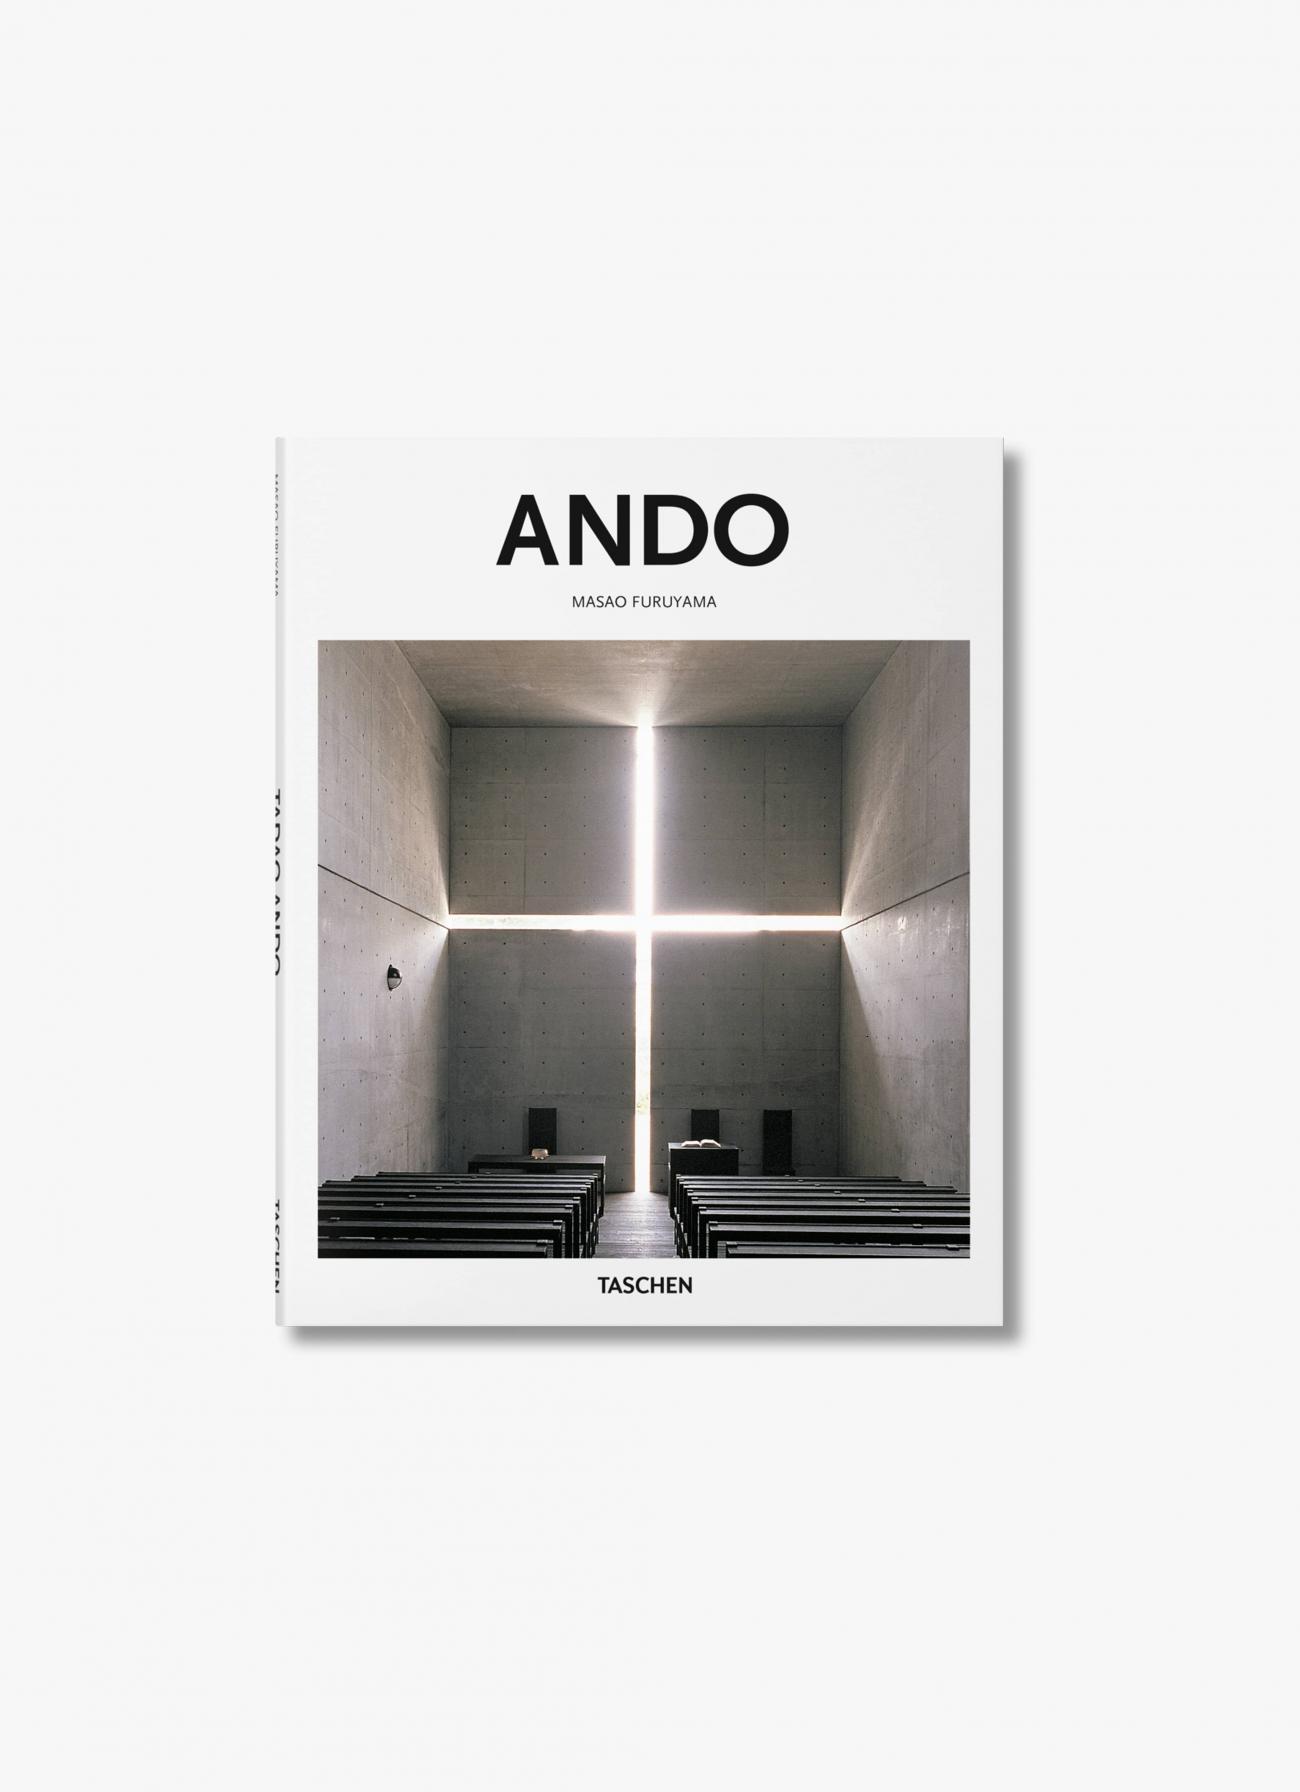 Taschen - Ando